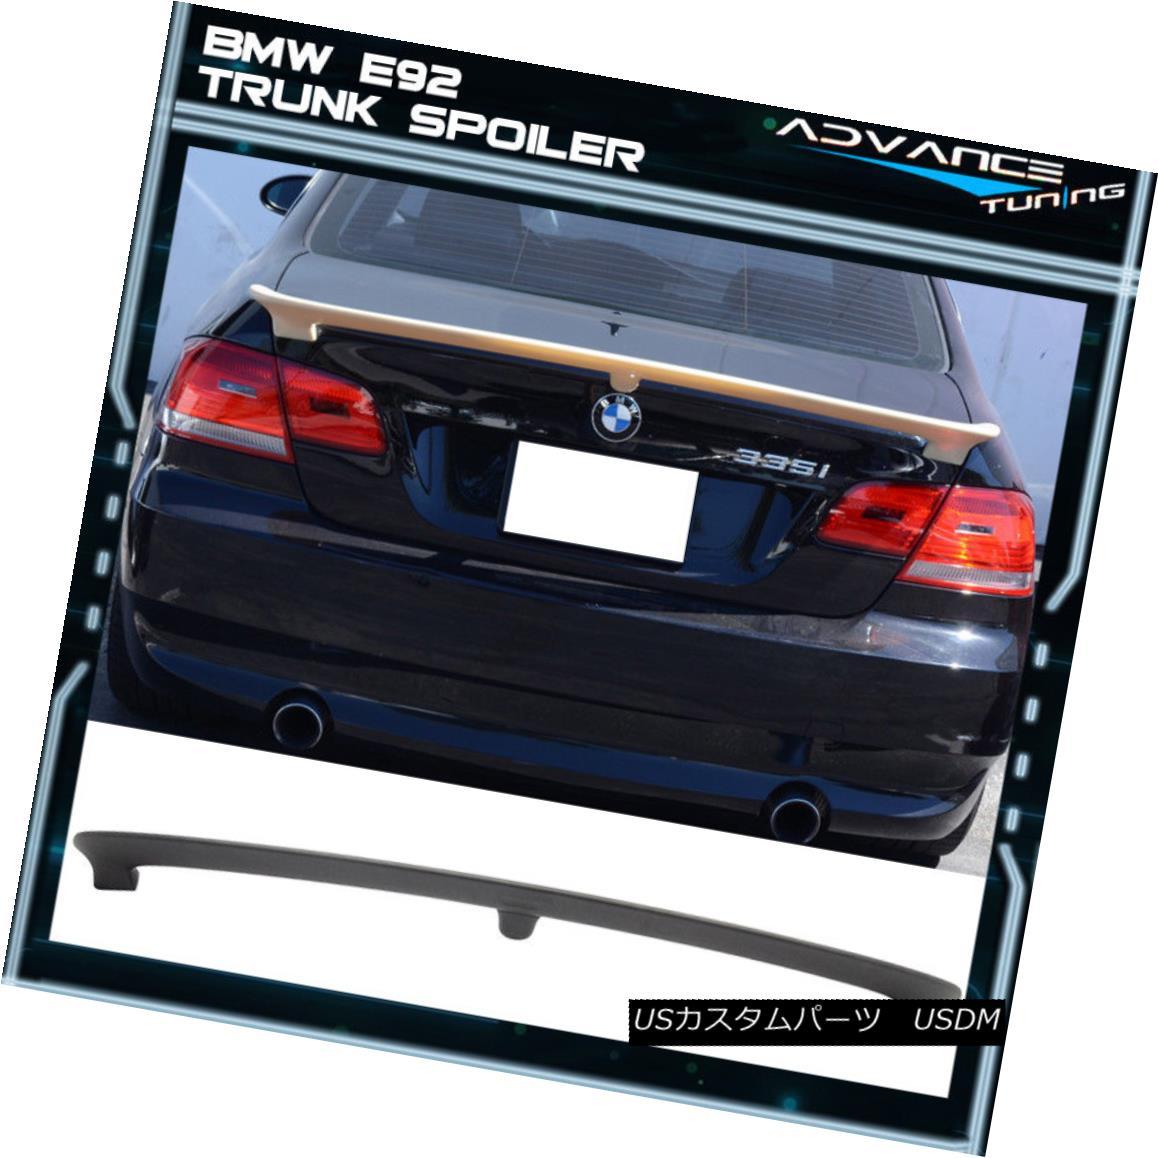 エアロパーツ 07-13 BMW 3 Series E92 2Dr Coupe AC Style Trunk Spoiler Wing - Unpainted ABS 07-13 BMW 3シリーズE92 2DrクーペACスタイルトランク・スポイラー・ウィング - 未塗装ABS